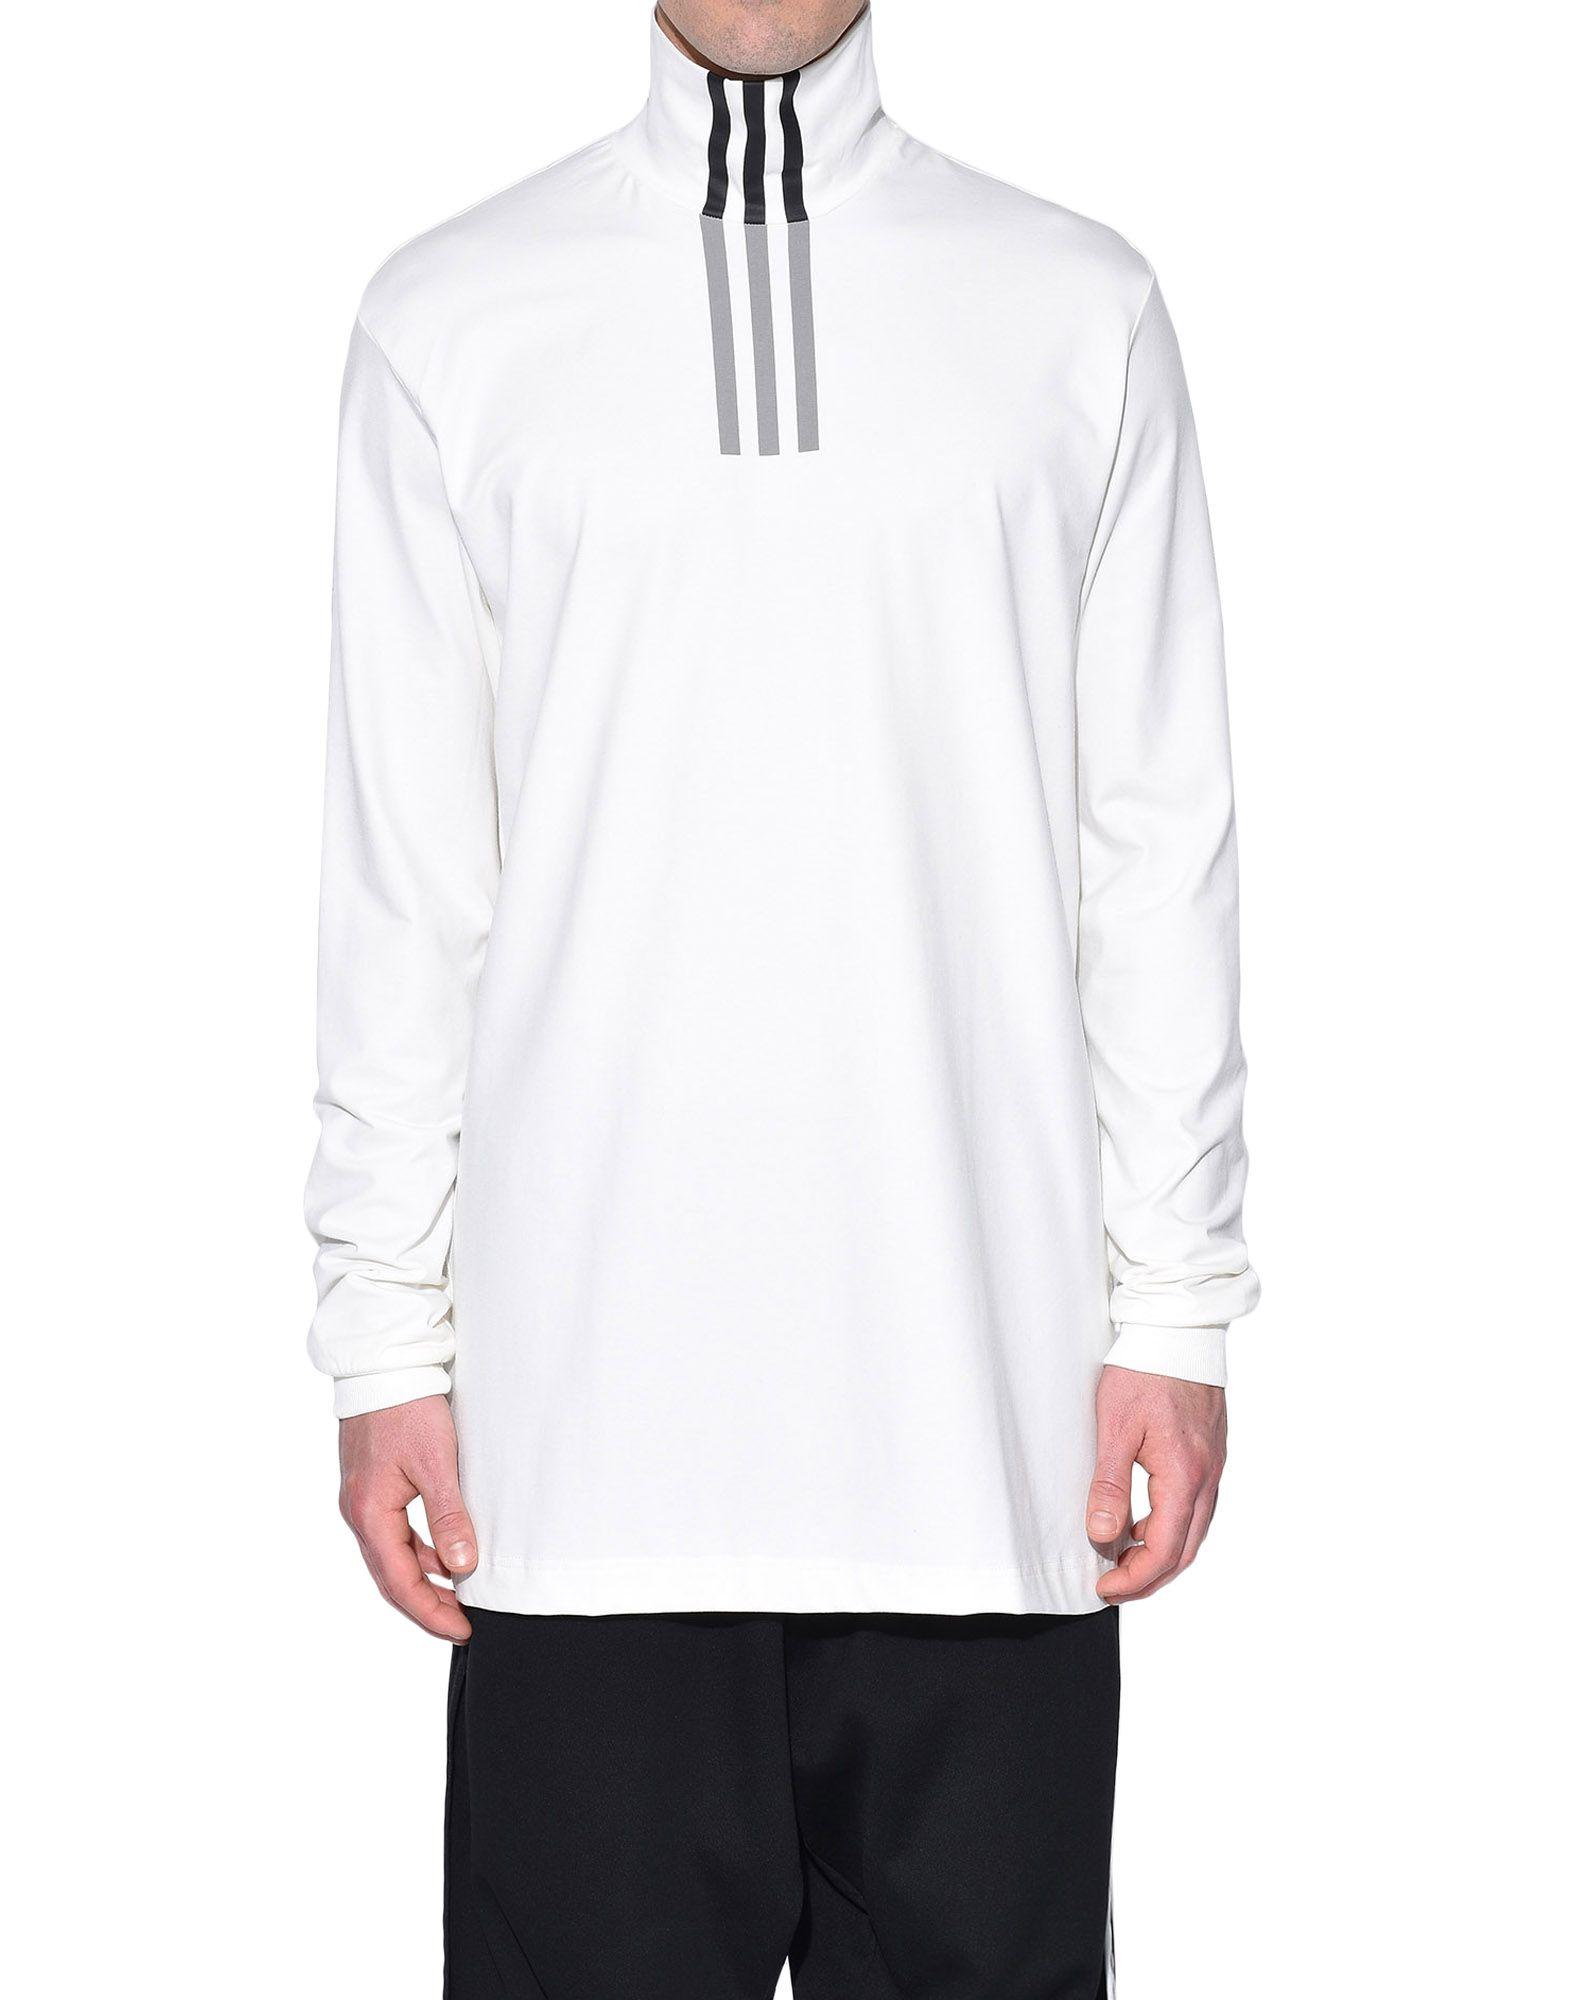 Y-3 Y-3 3-Stripes High Neck Tee Long sleeve t-shirt Man r